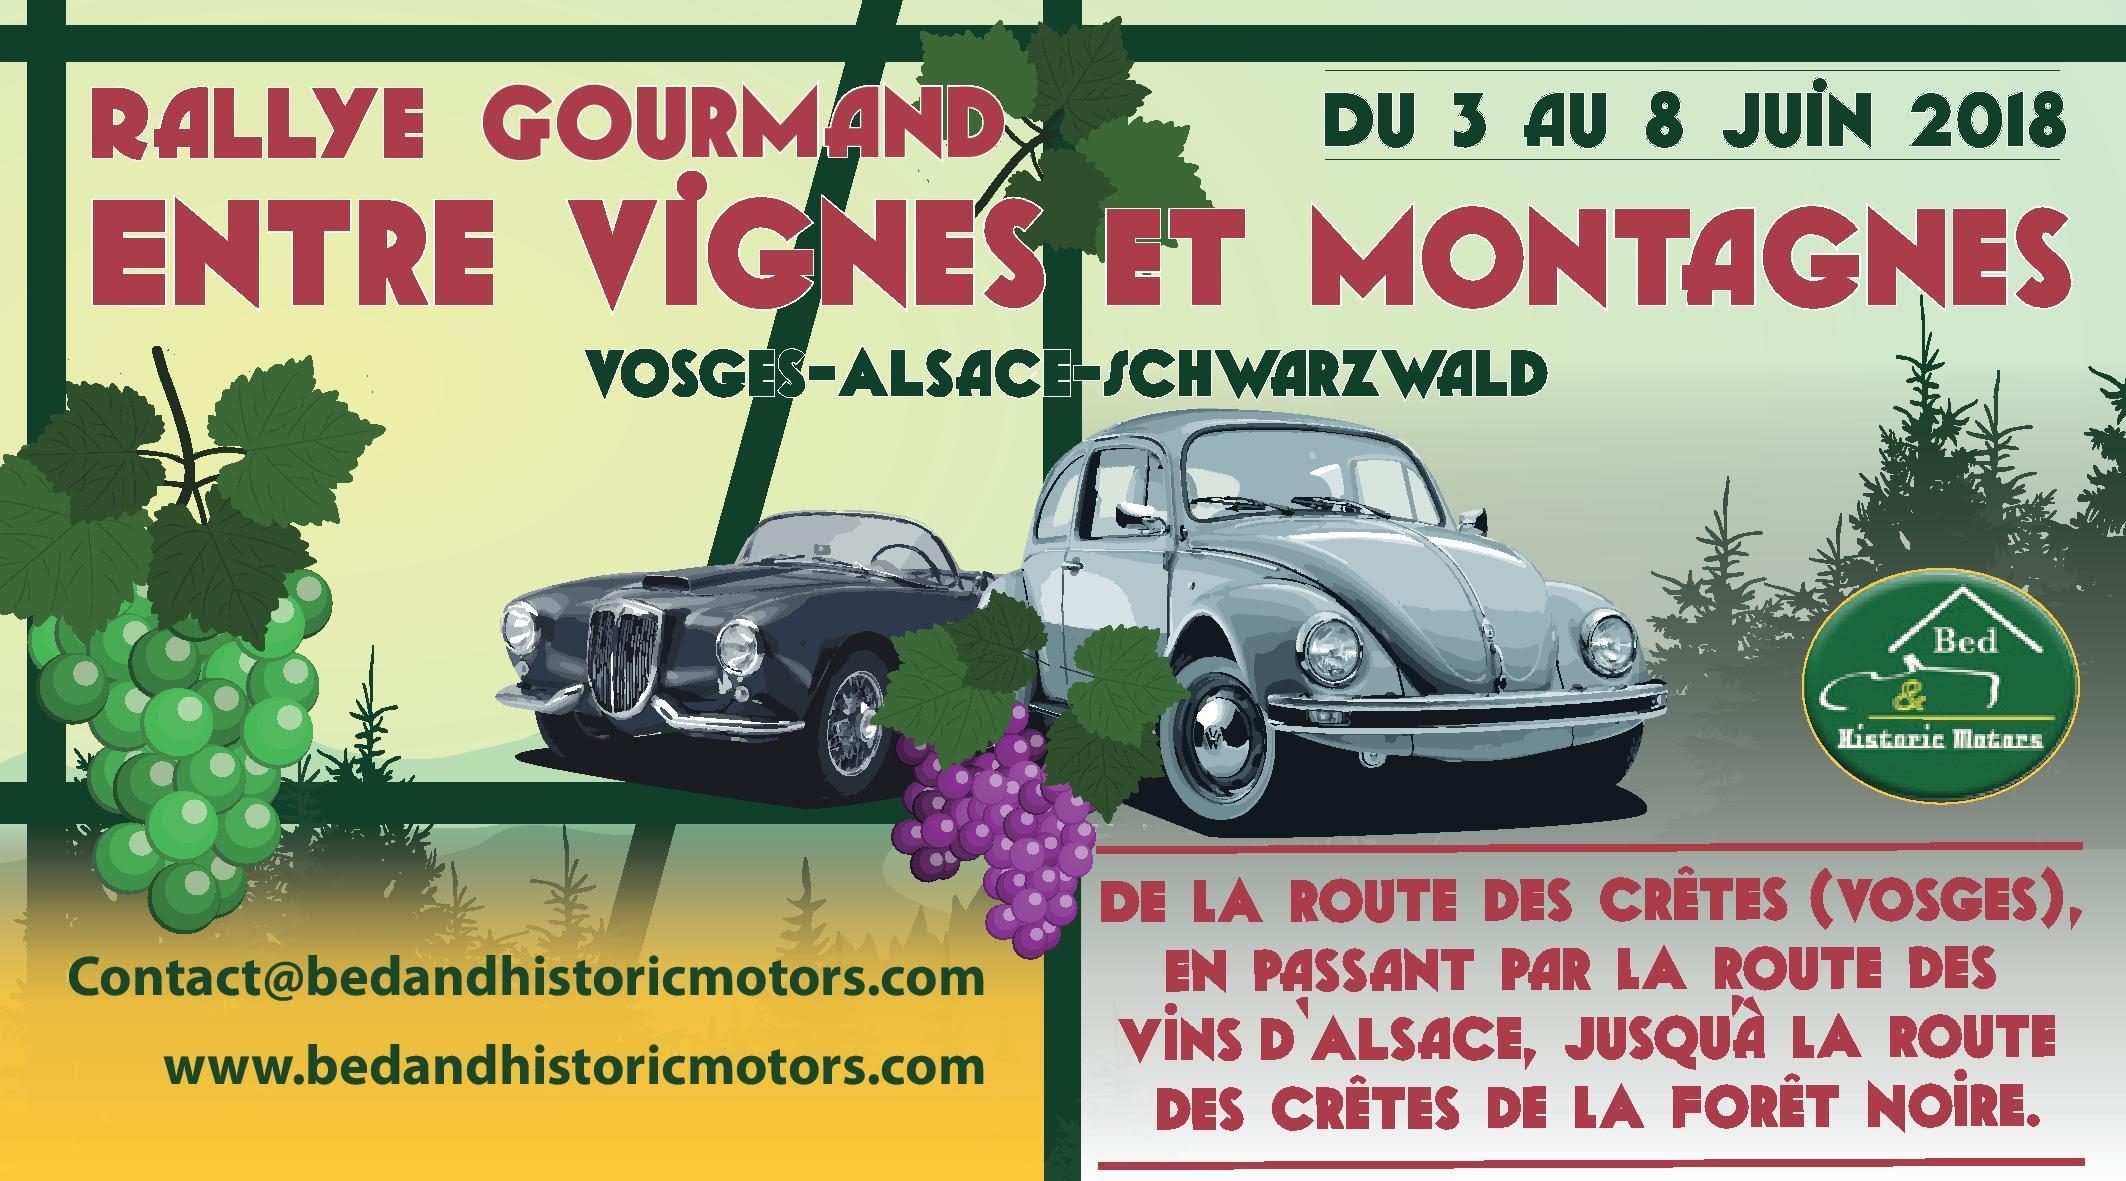 www.bedandhistoricmotors.com